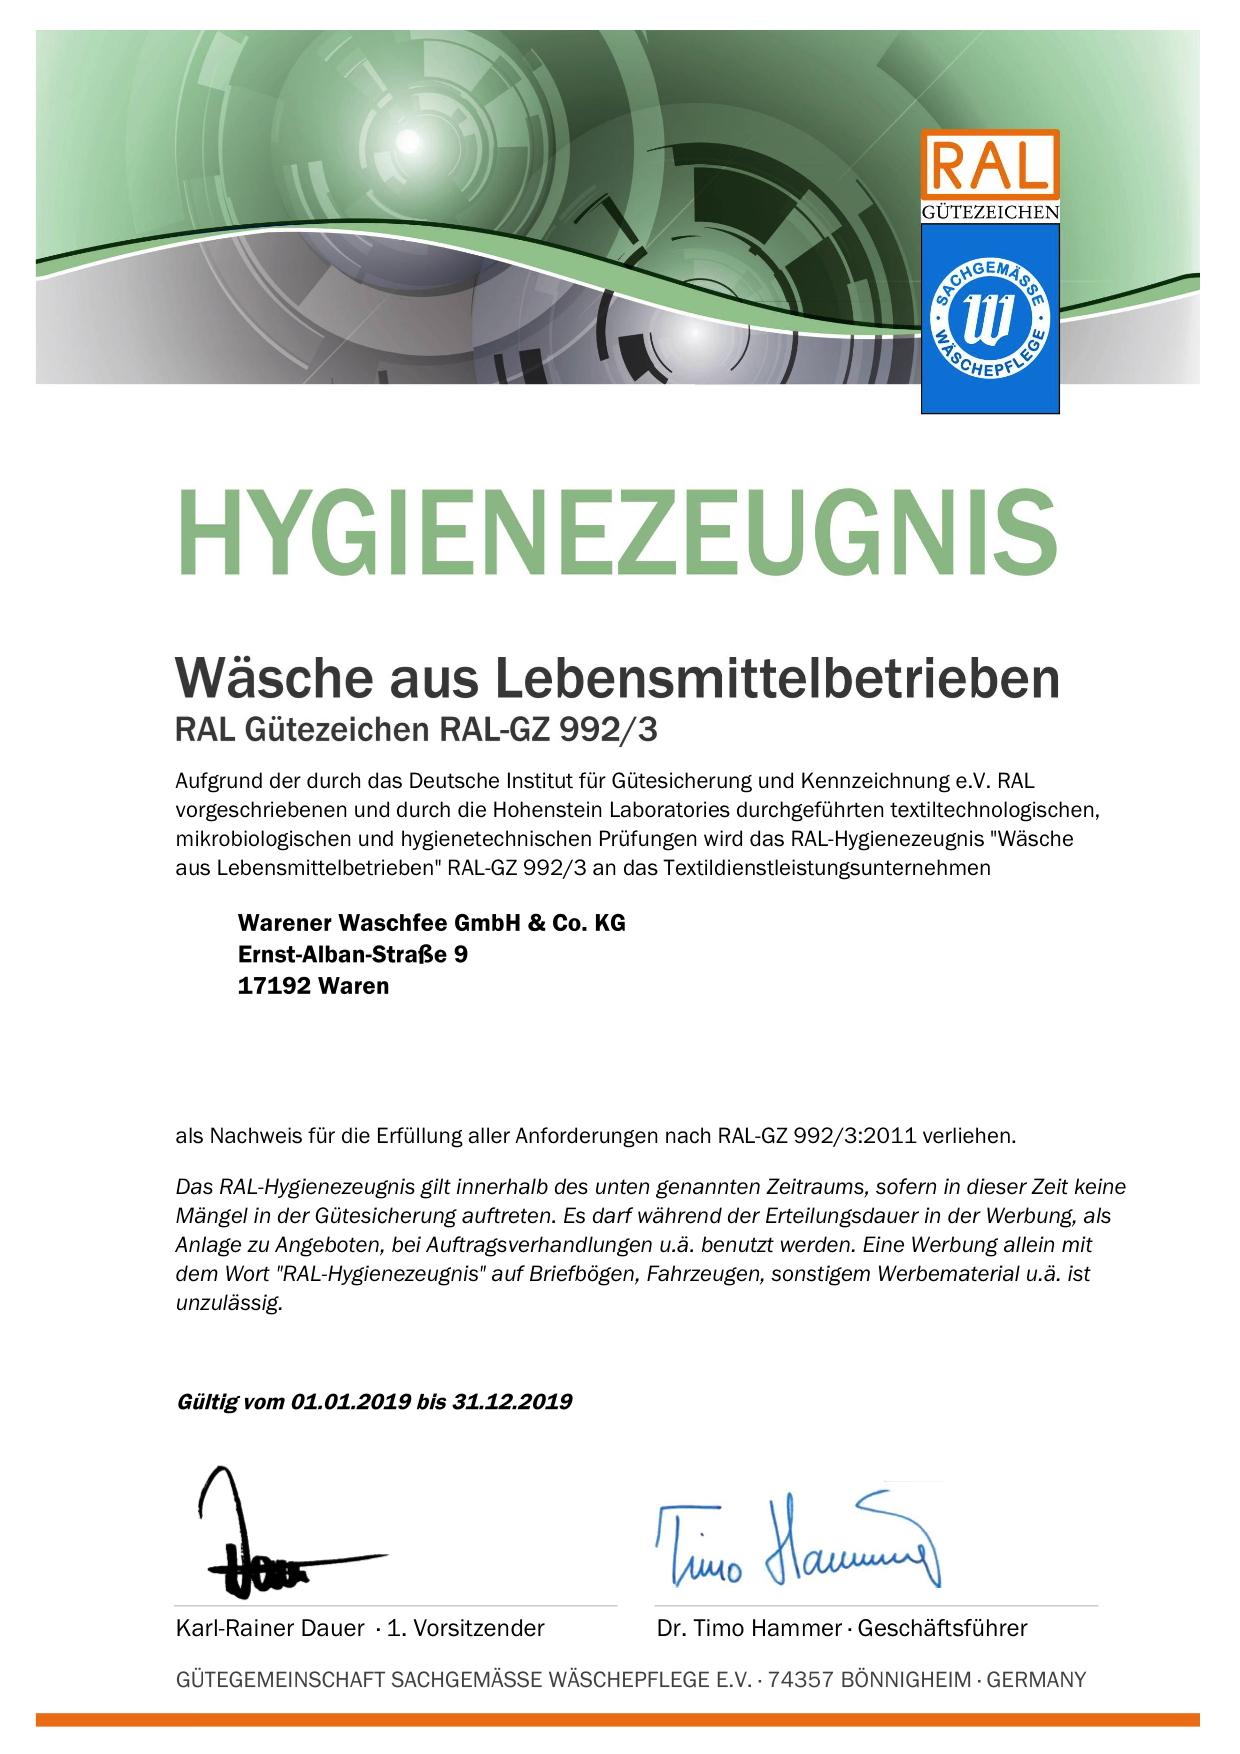 992-3 Hygienezeugnis_20054_2019